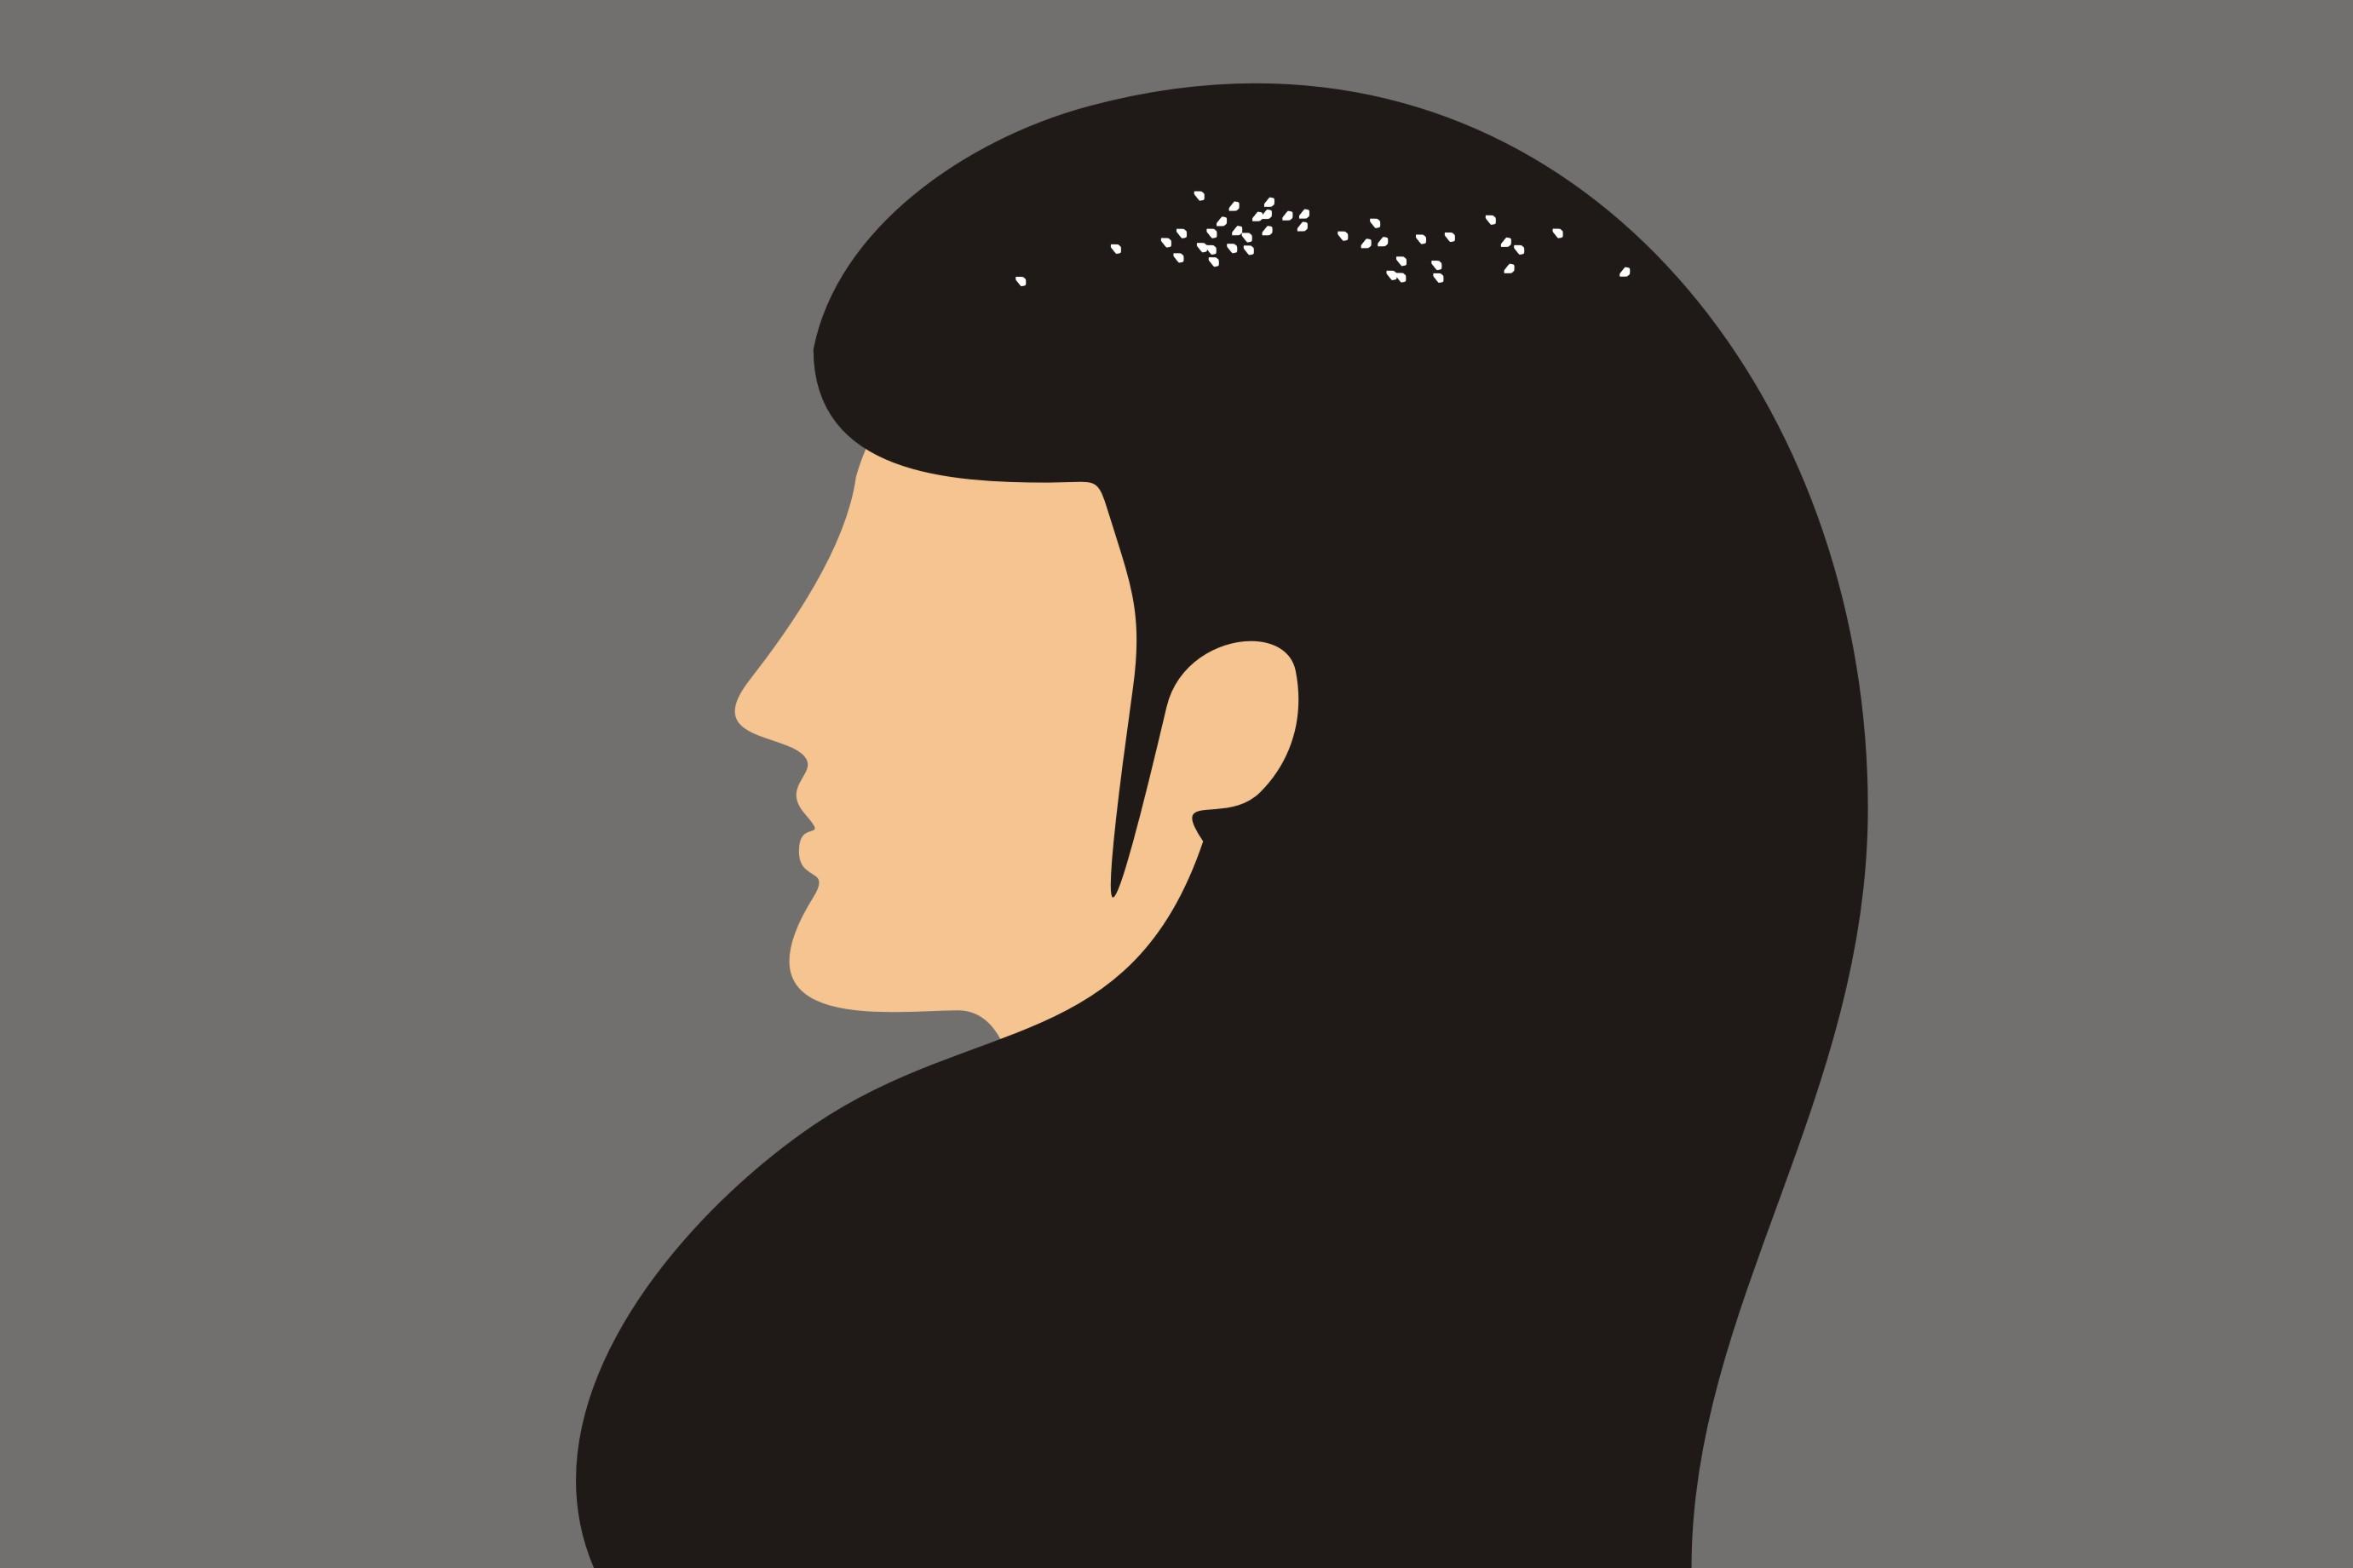 Ketombe suka nempel di rambut? Atasi saja pakai campuran minyak zaitun